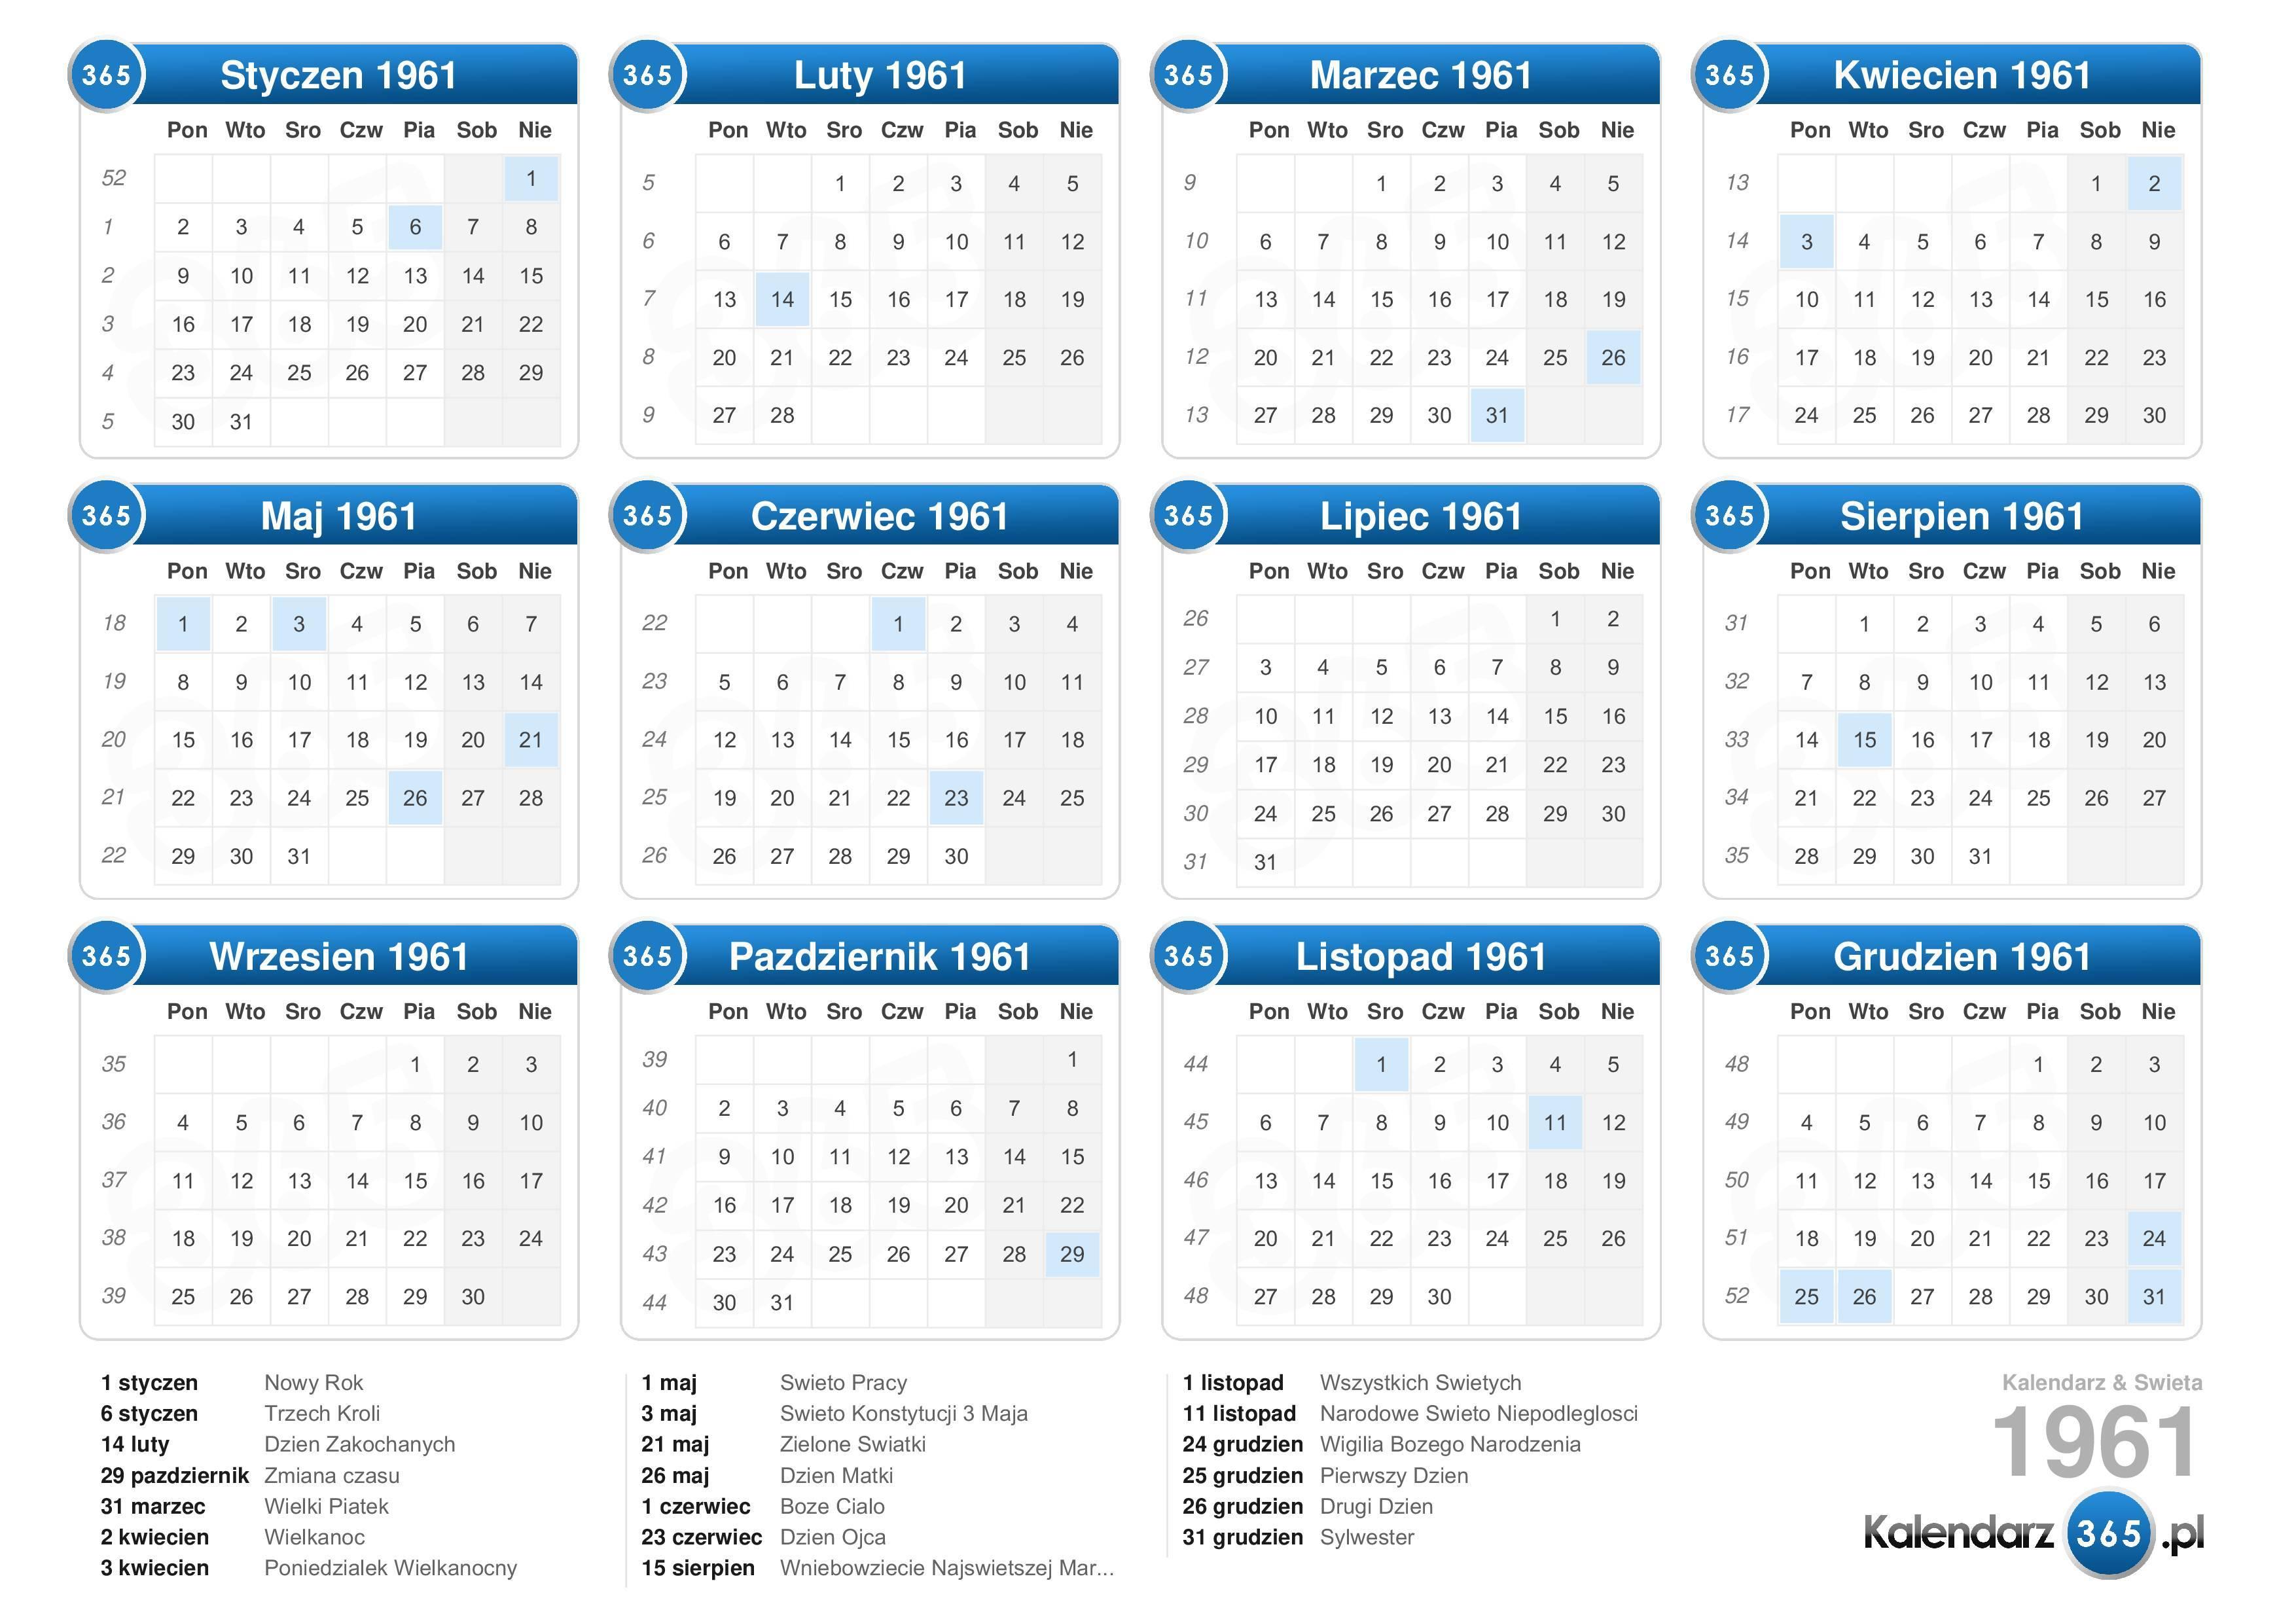 Kalendarz 1961